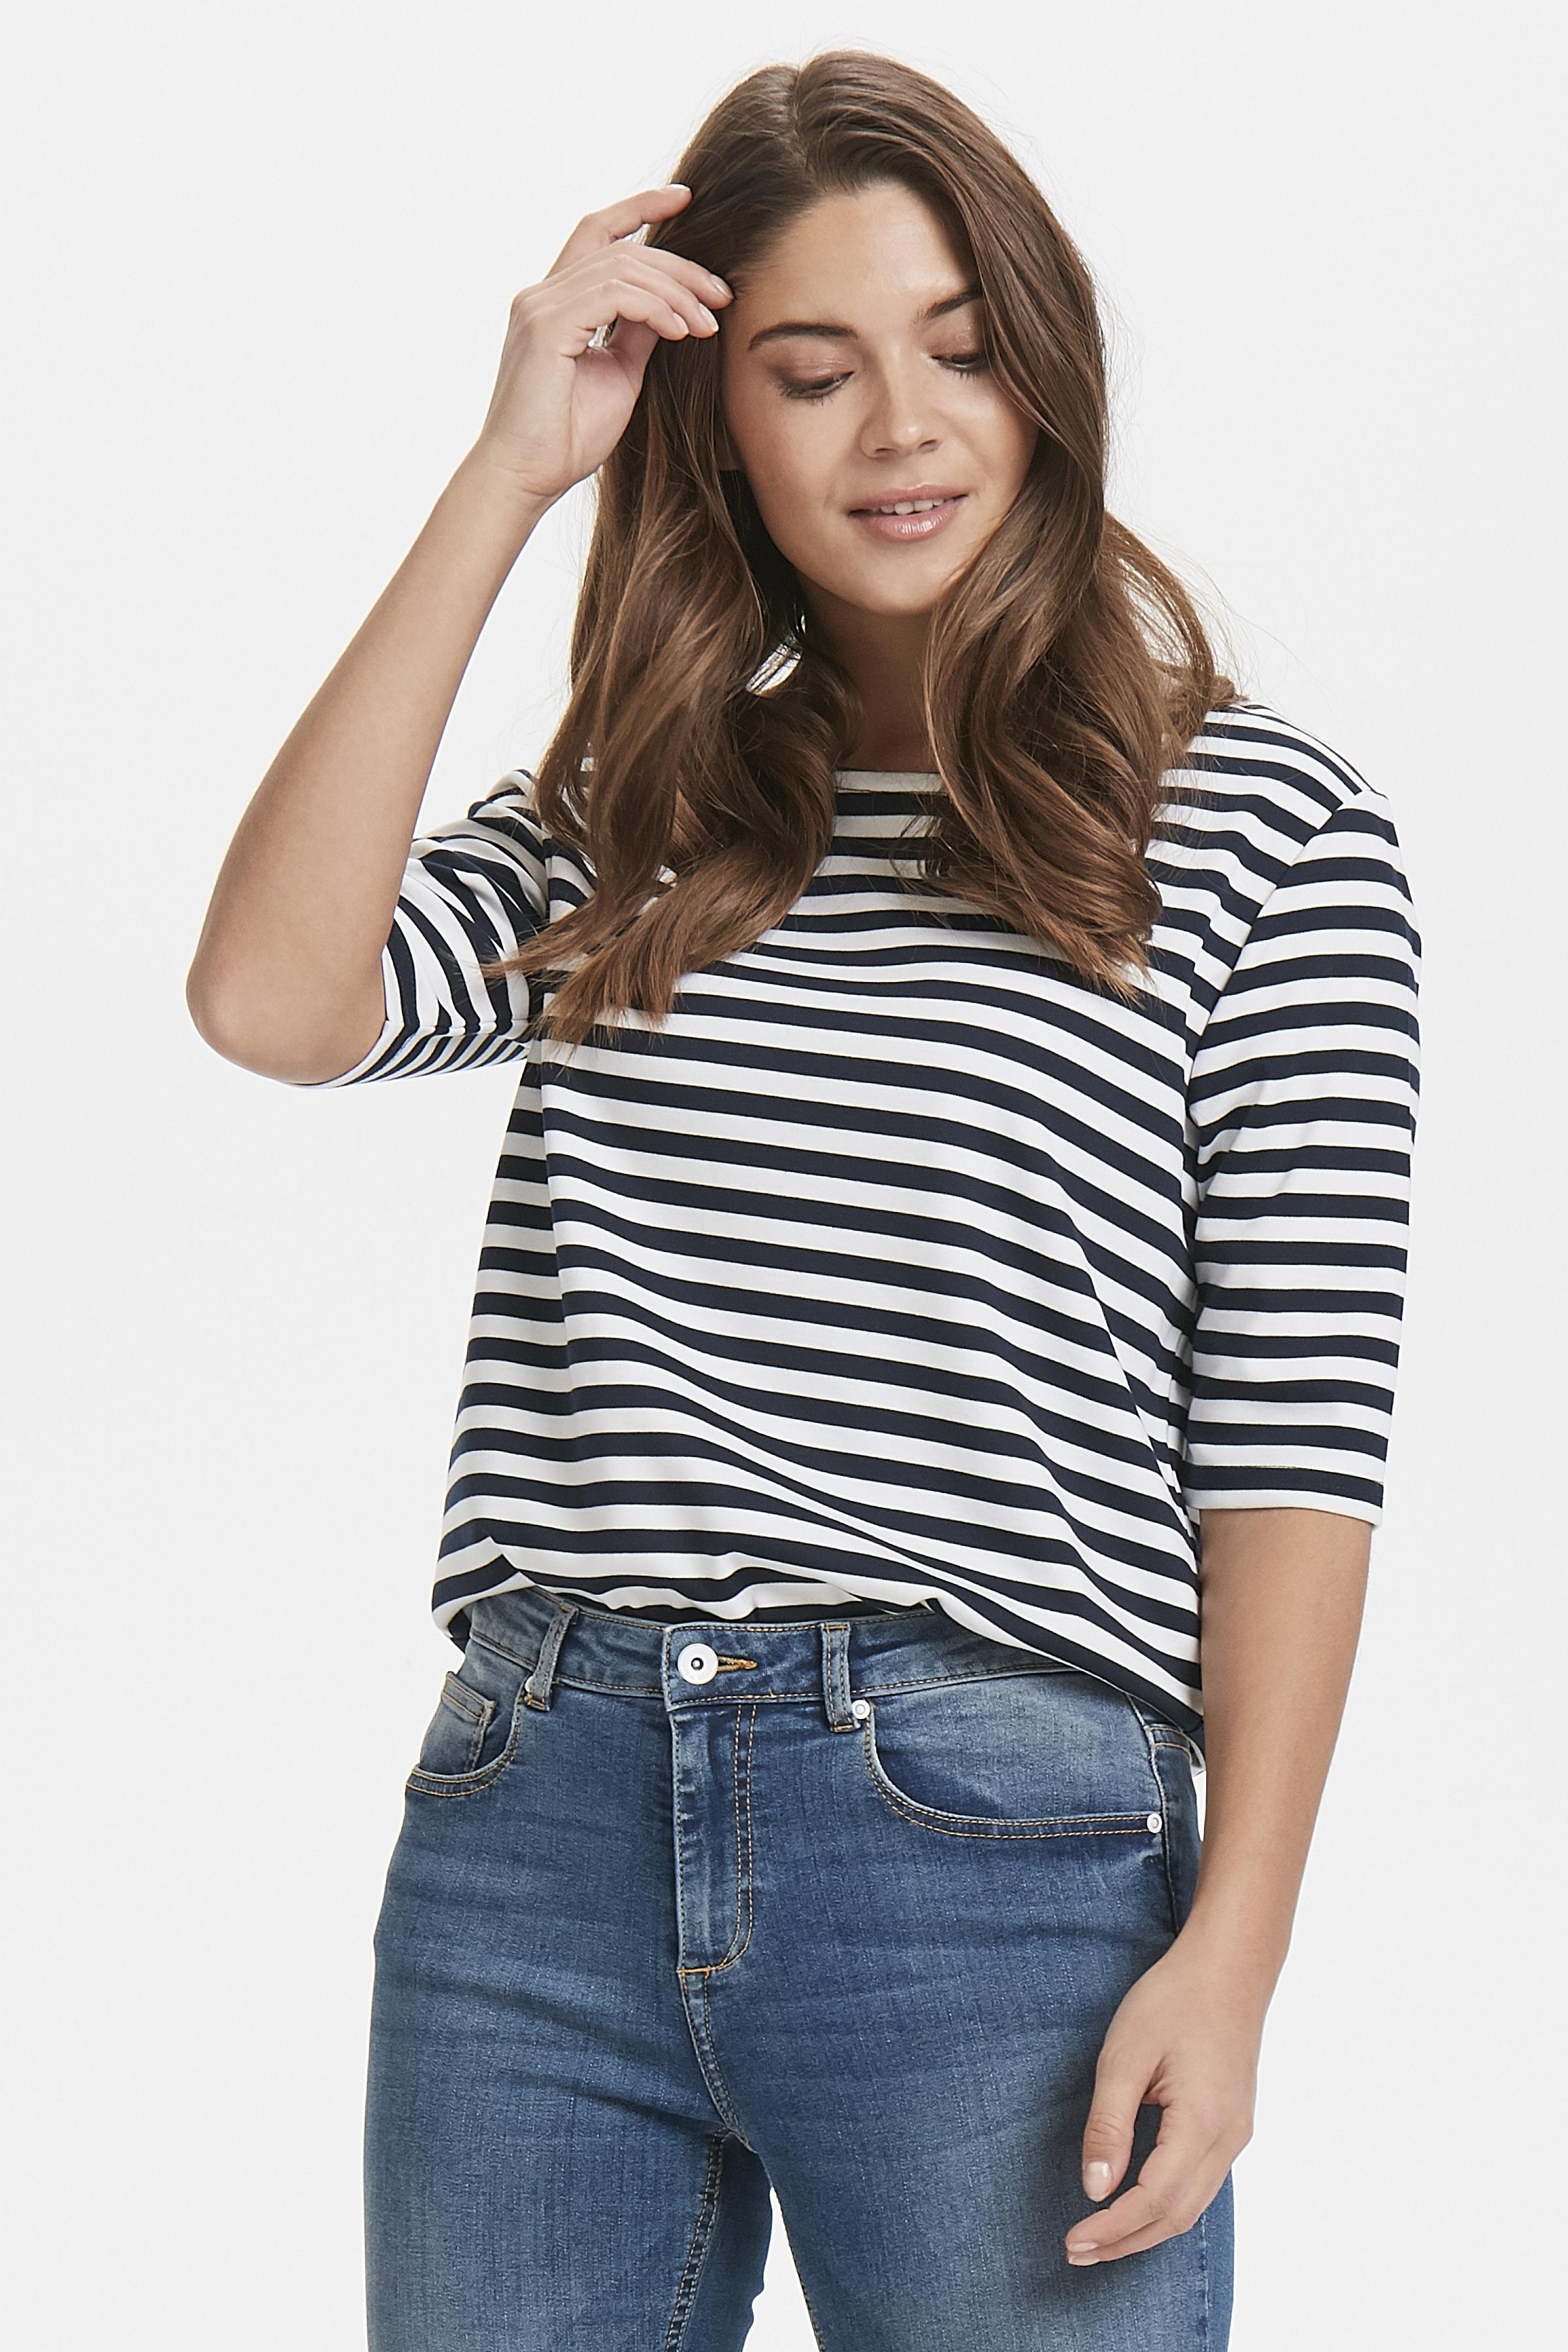 Copenhagen Night Big Stripe T-shirt von b.young – Kaufen Sie Copenhagen Night Big Stripe T-shirt aus Größe XS-XXL hier